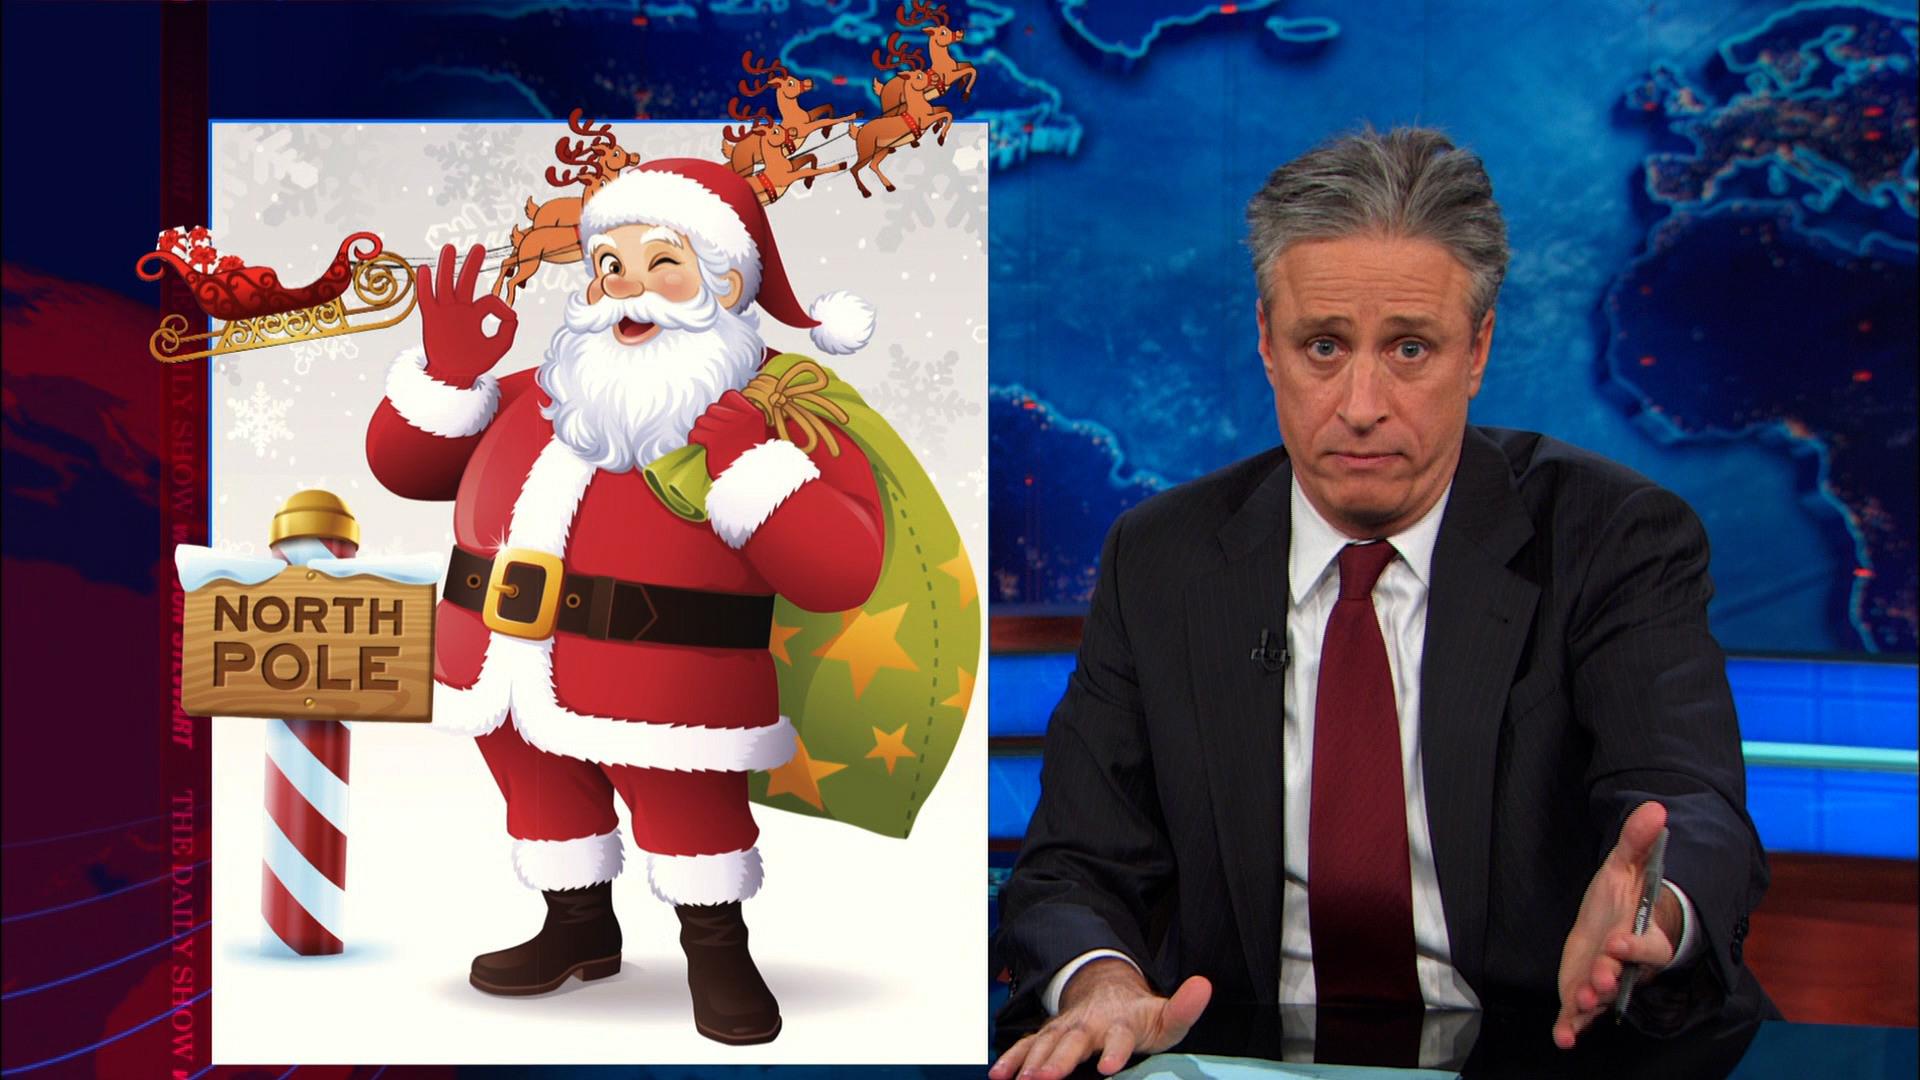 - War on Christmas